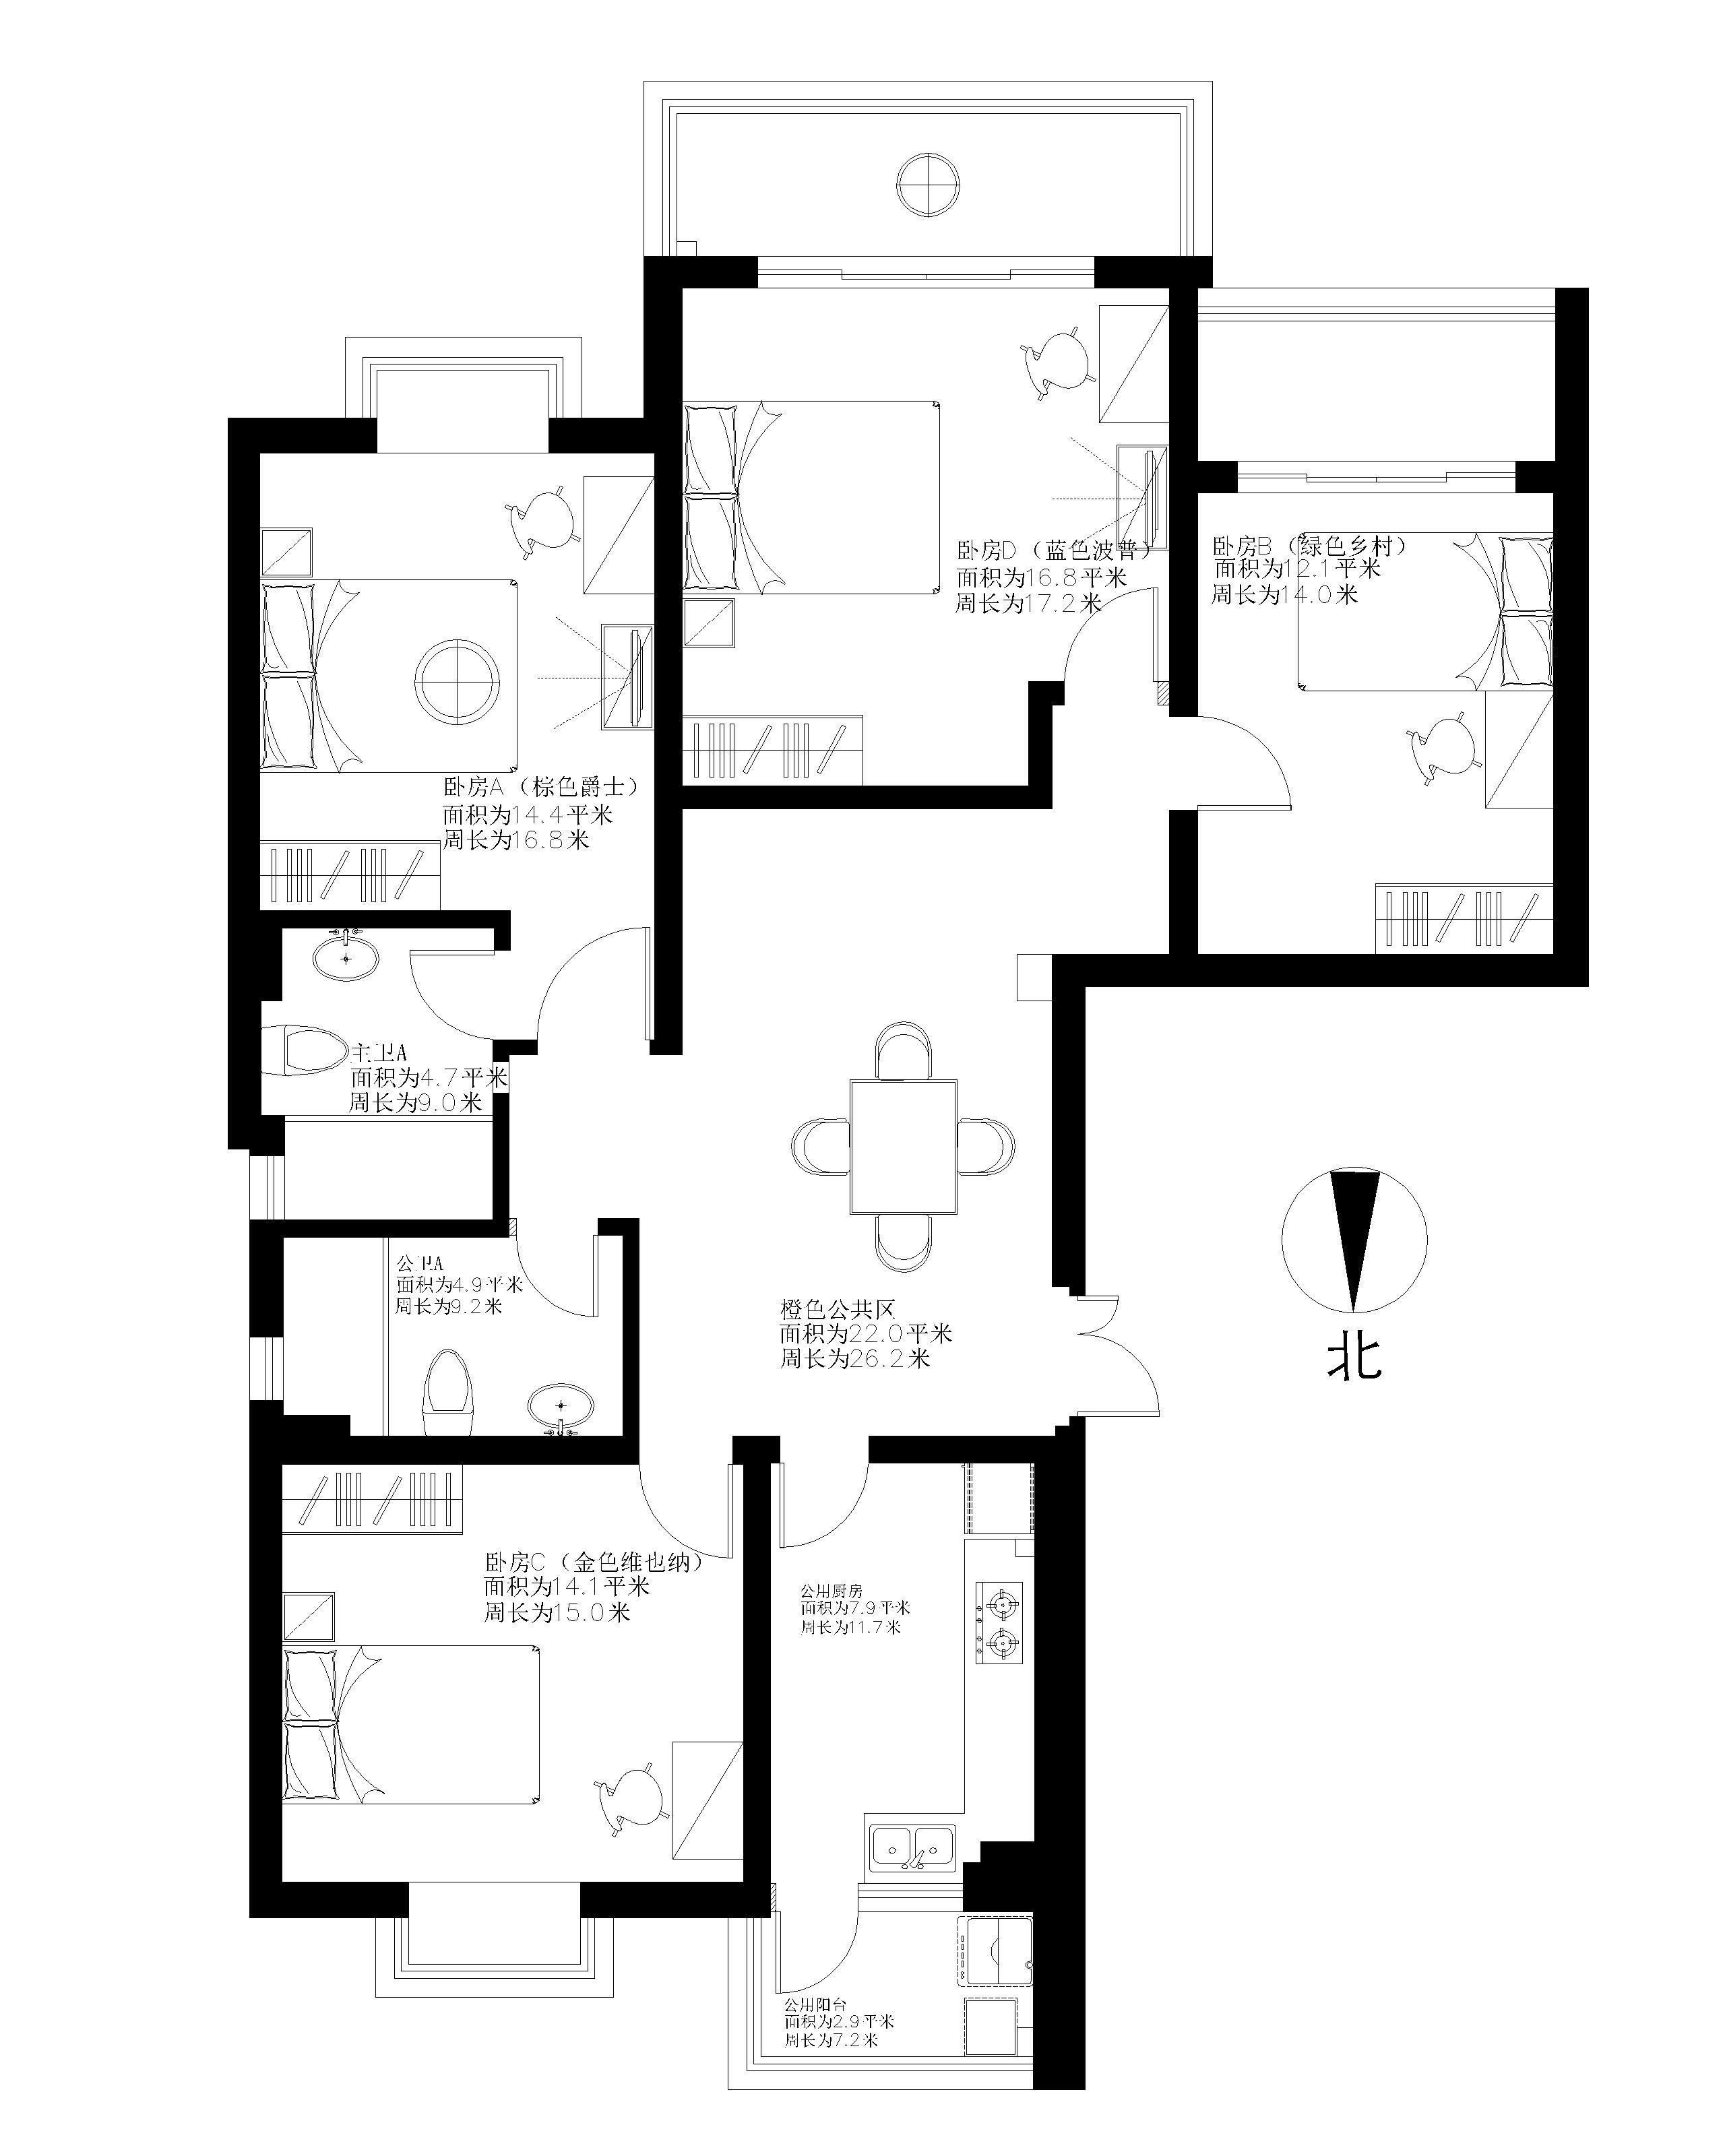 设计图分享 有堂屋房屋设计图  13米x7米房屋设计图 宽640×501高图片